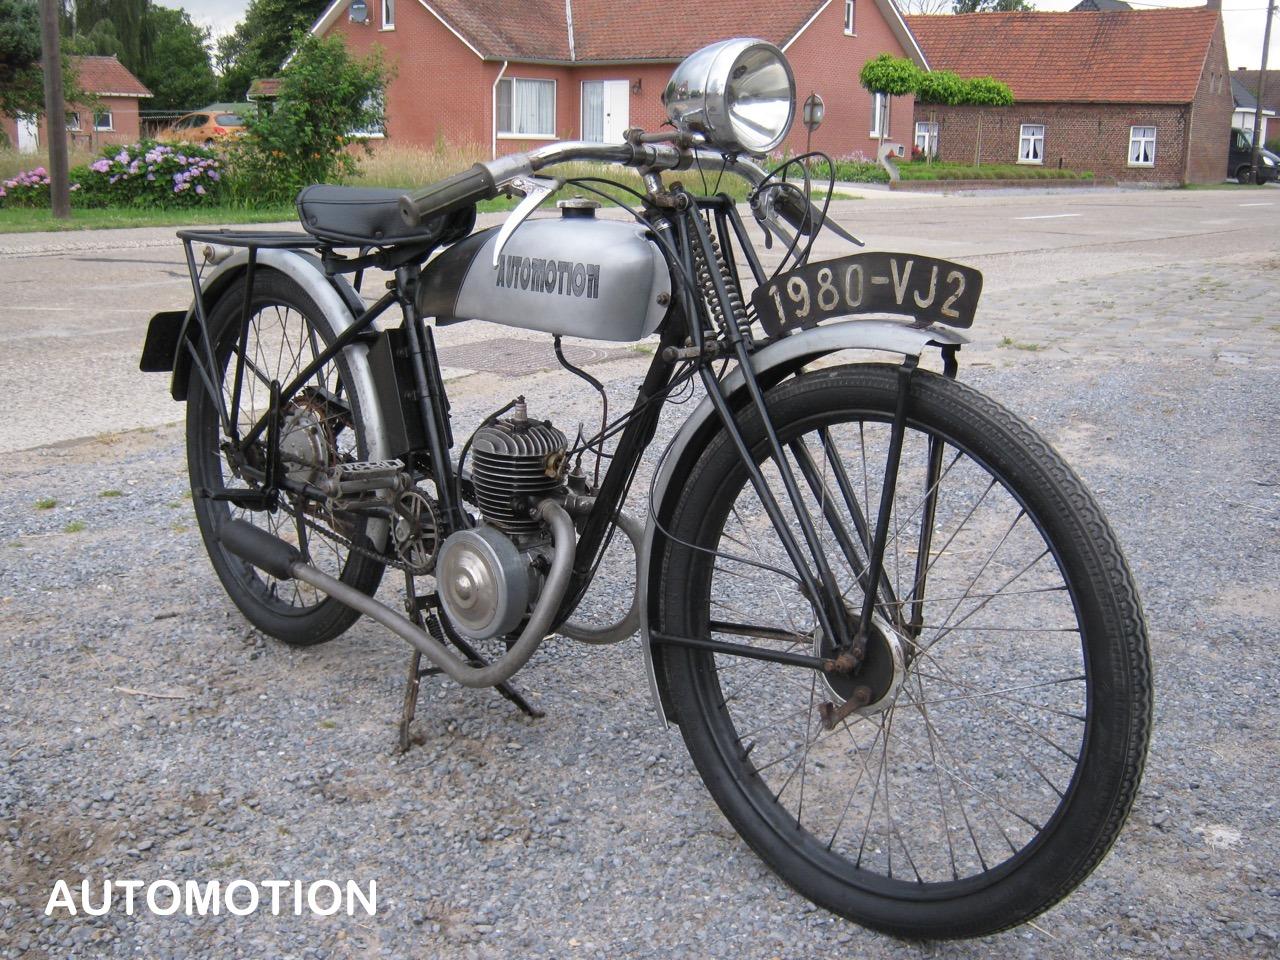 automotion-2